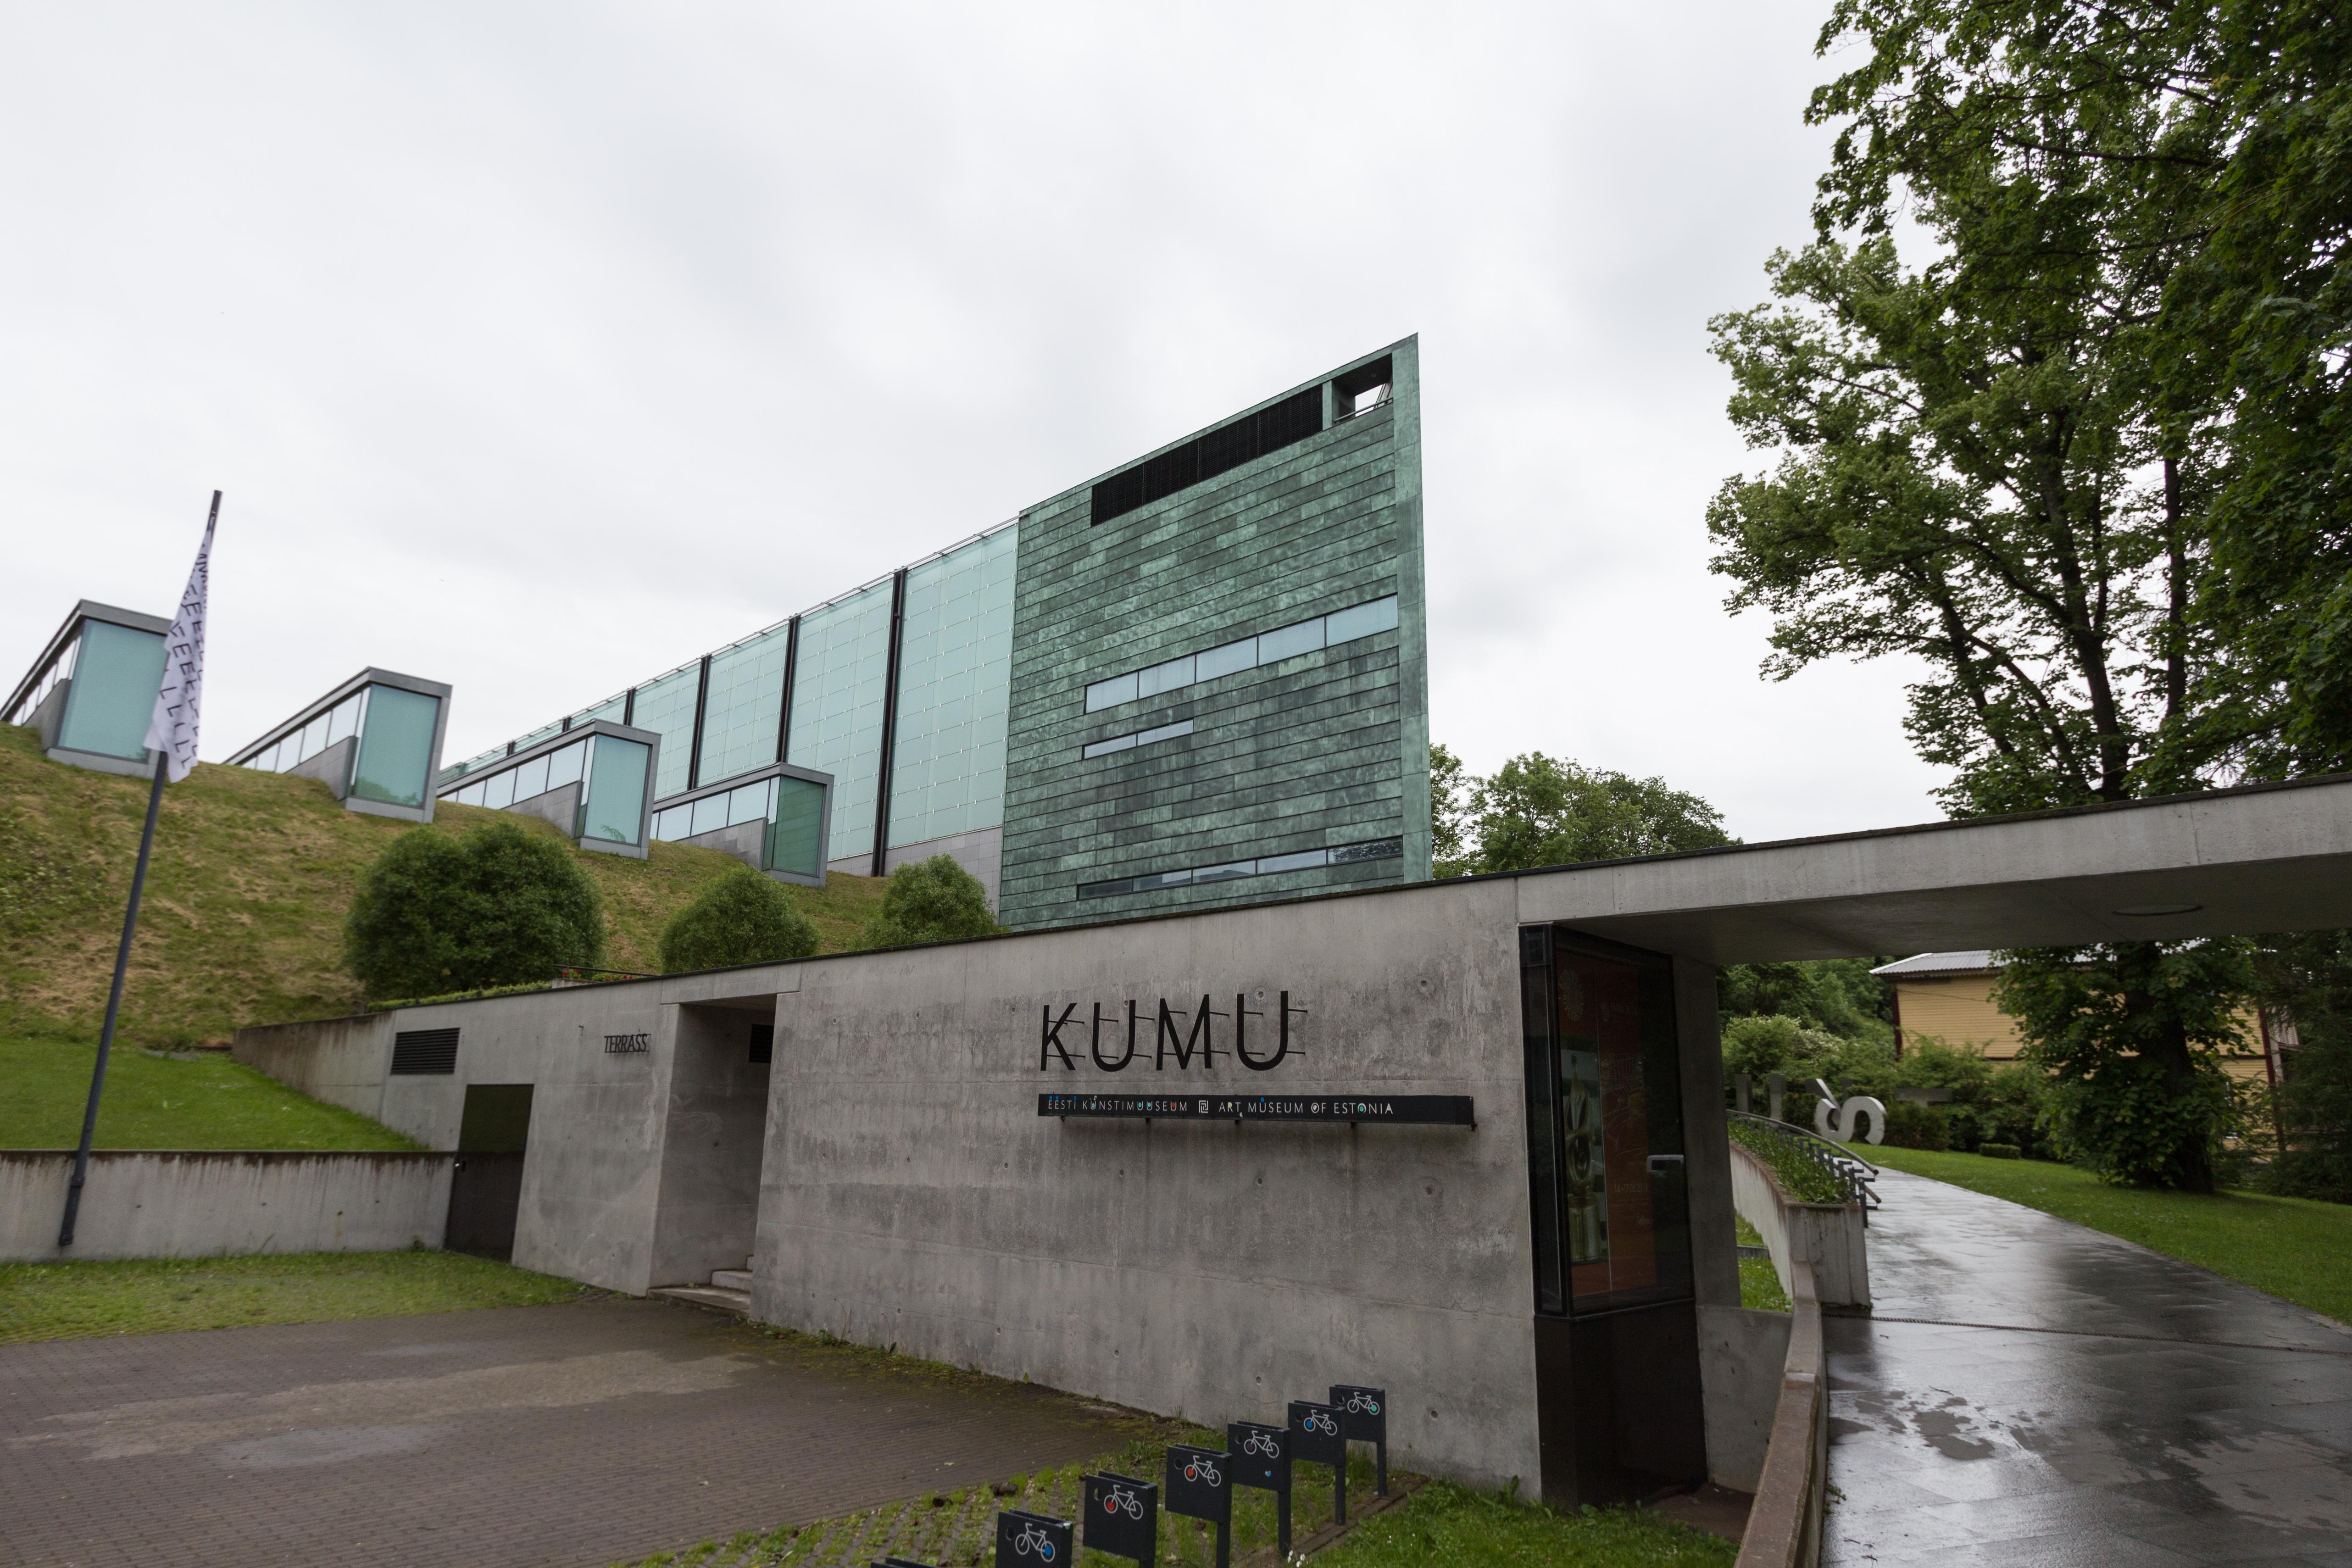 Kumu, Tallinn